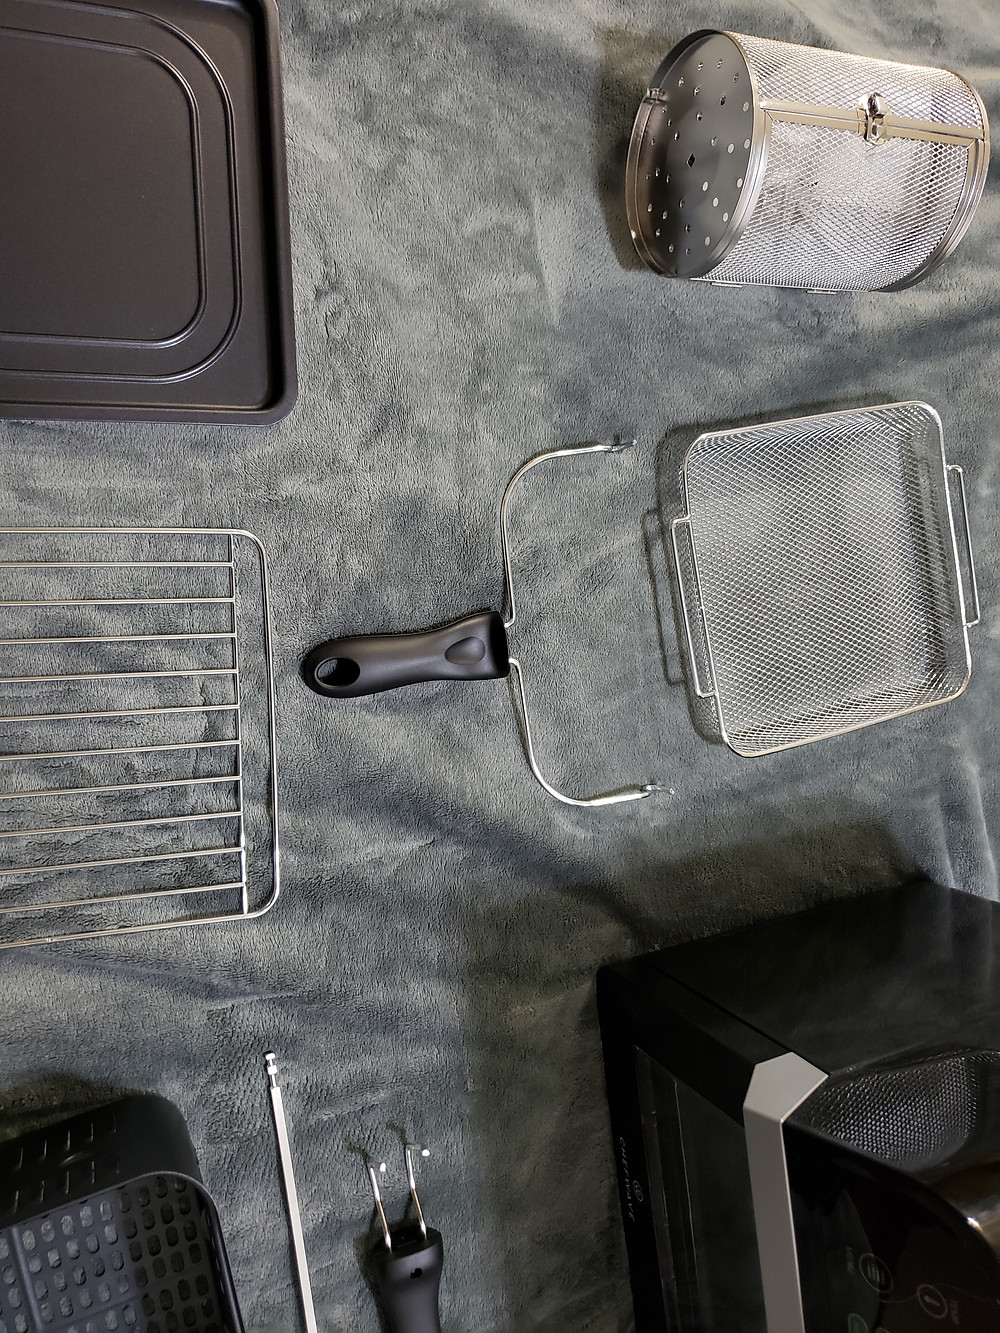 ChefWave 12.6 Quart AirFryer Accessories